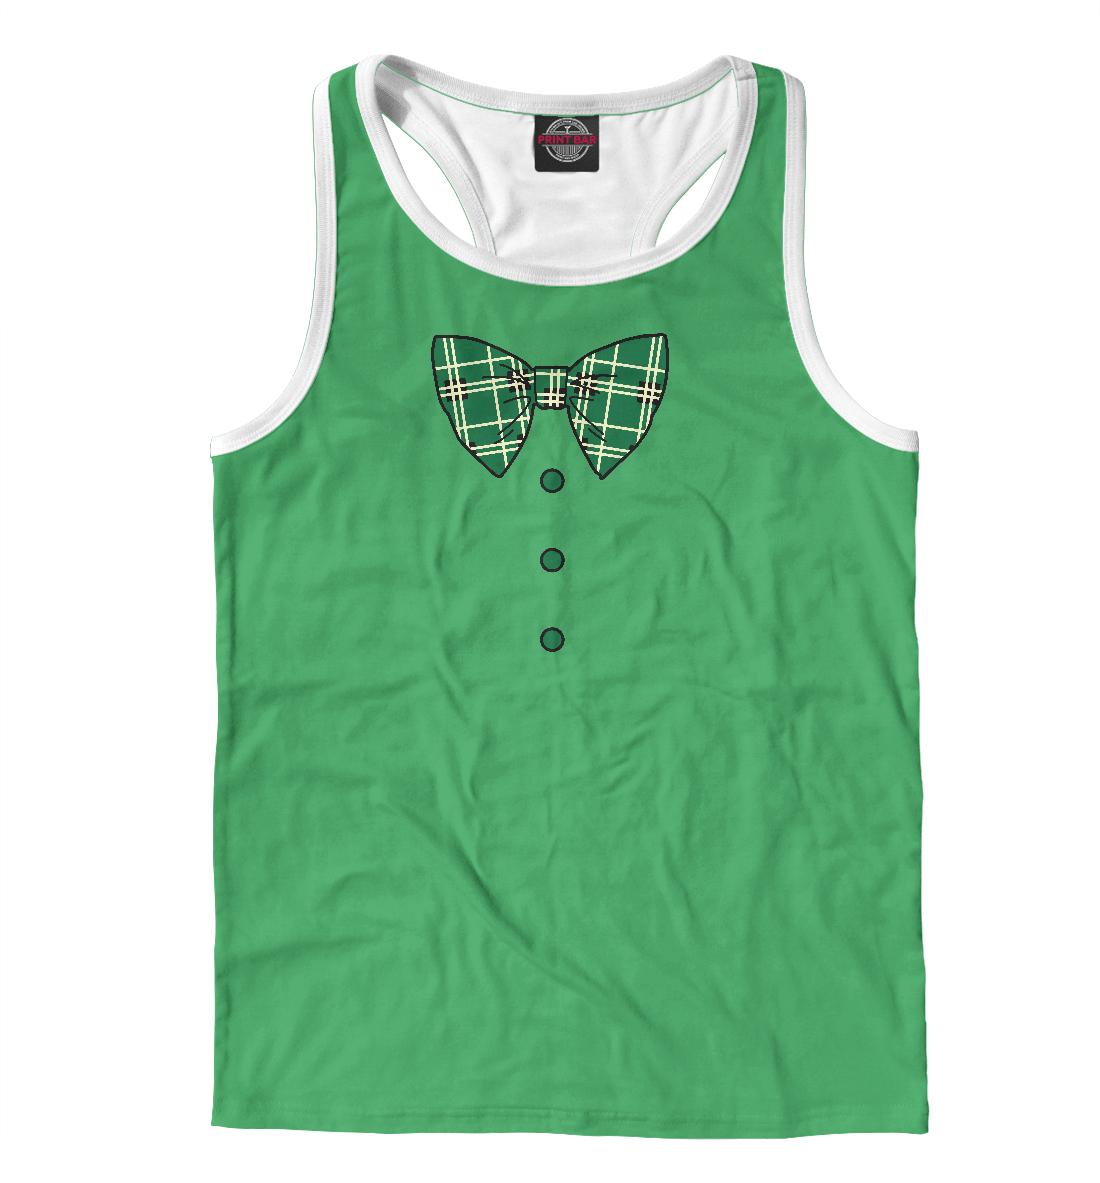 Купить Зеленый галстук бабочка в клетку, Printbar, Майки борцовки, CST-438975-mayb-2